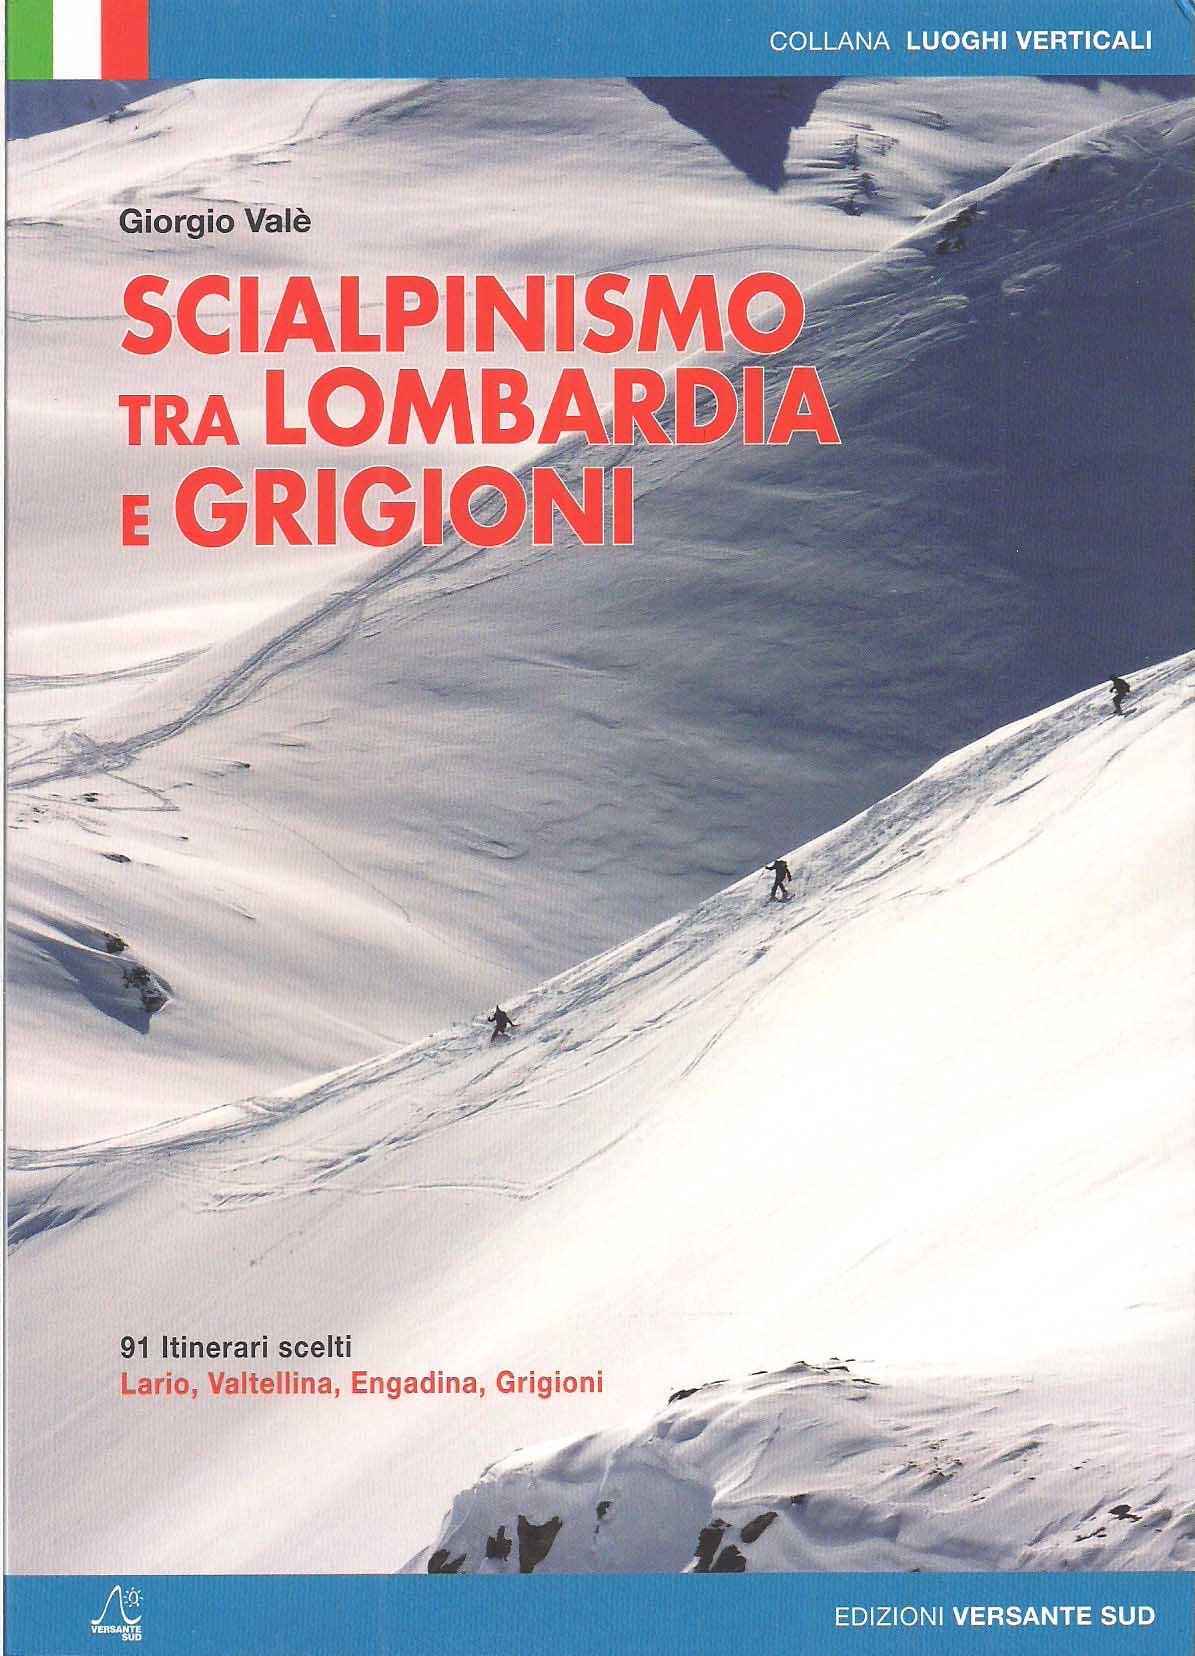 sci-alpinismo-tra-lombardia-e-grigioni